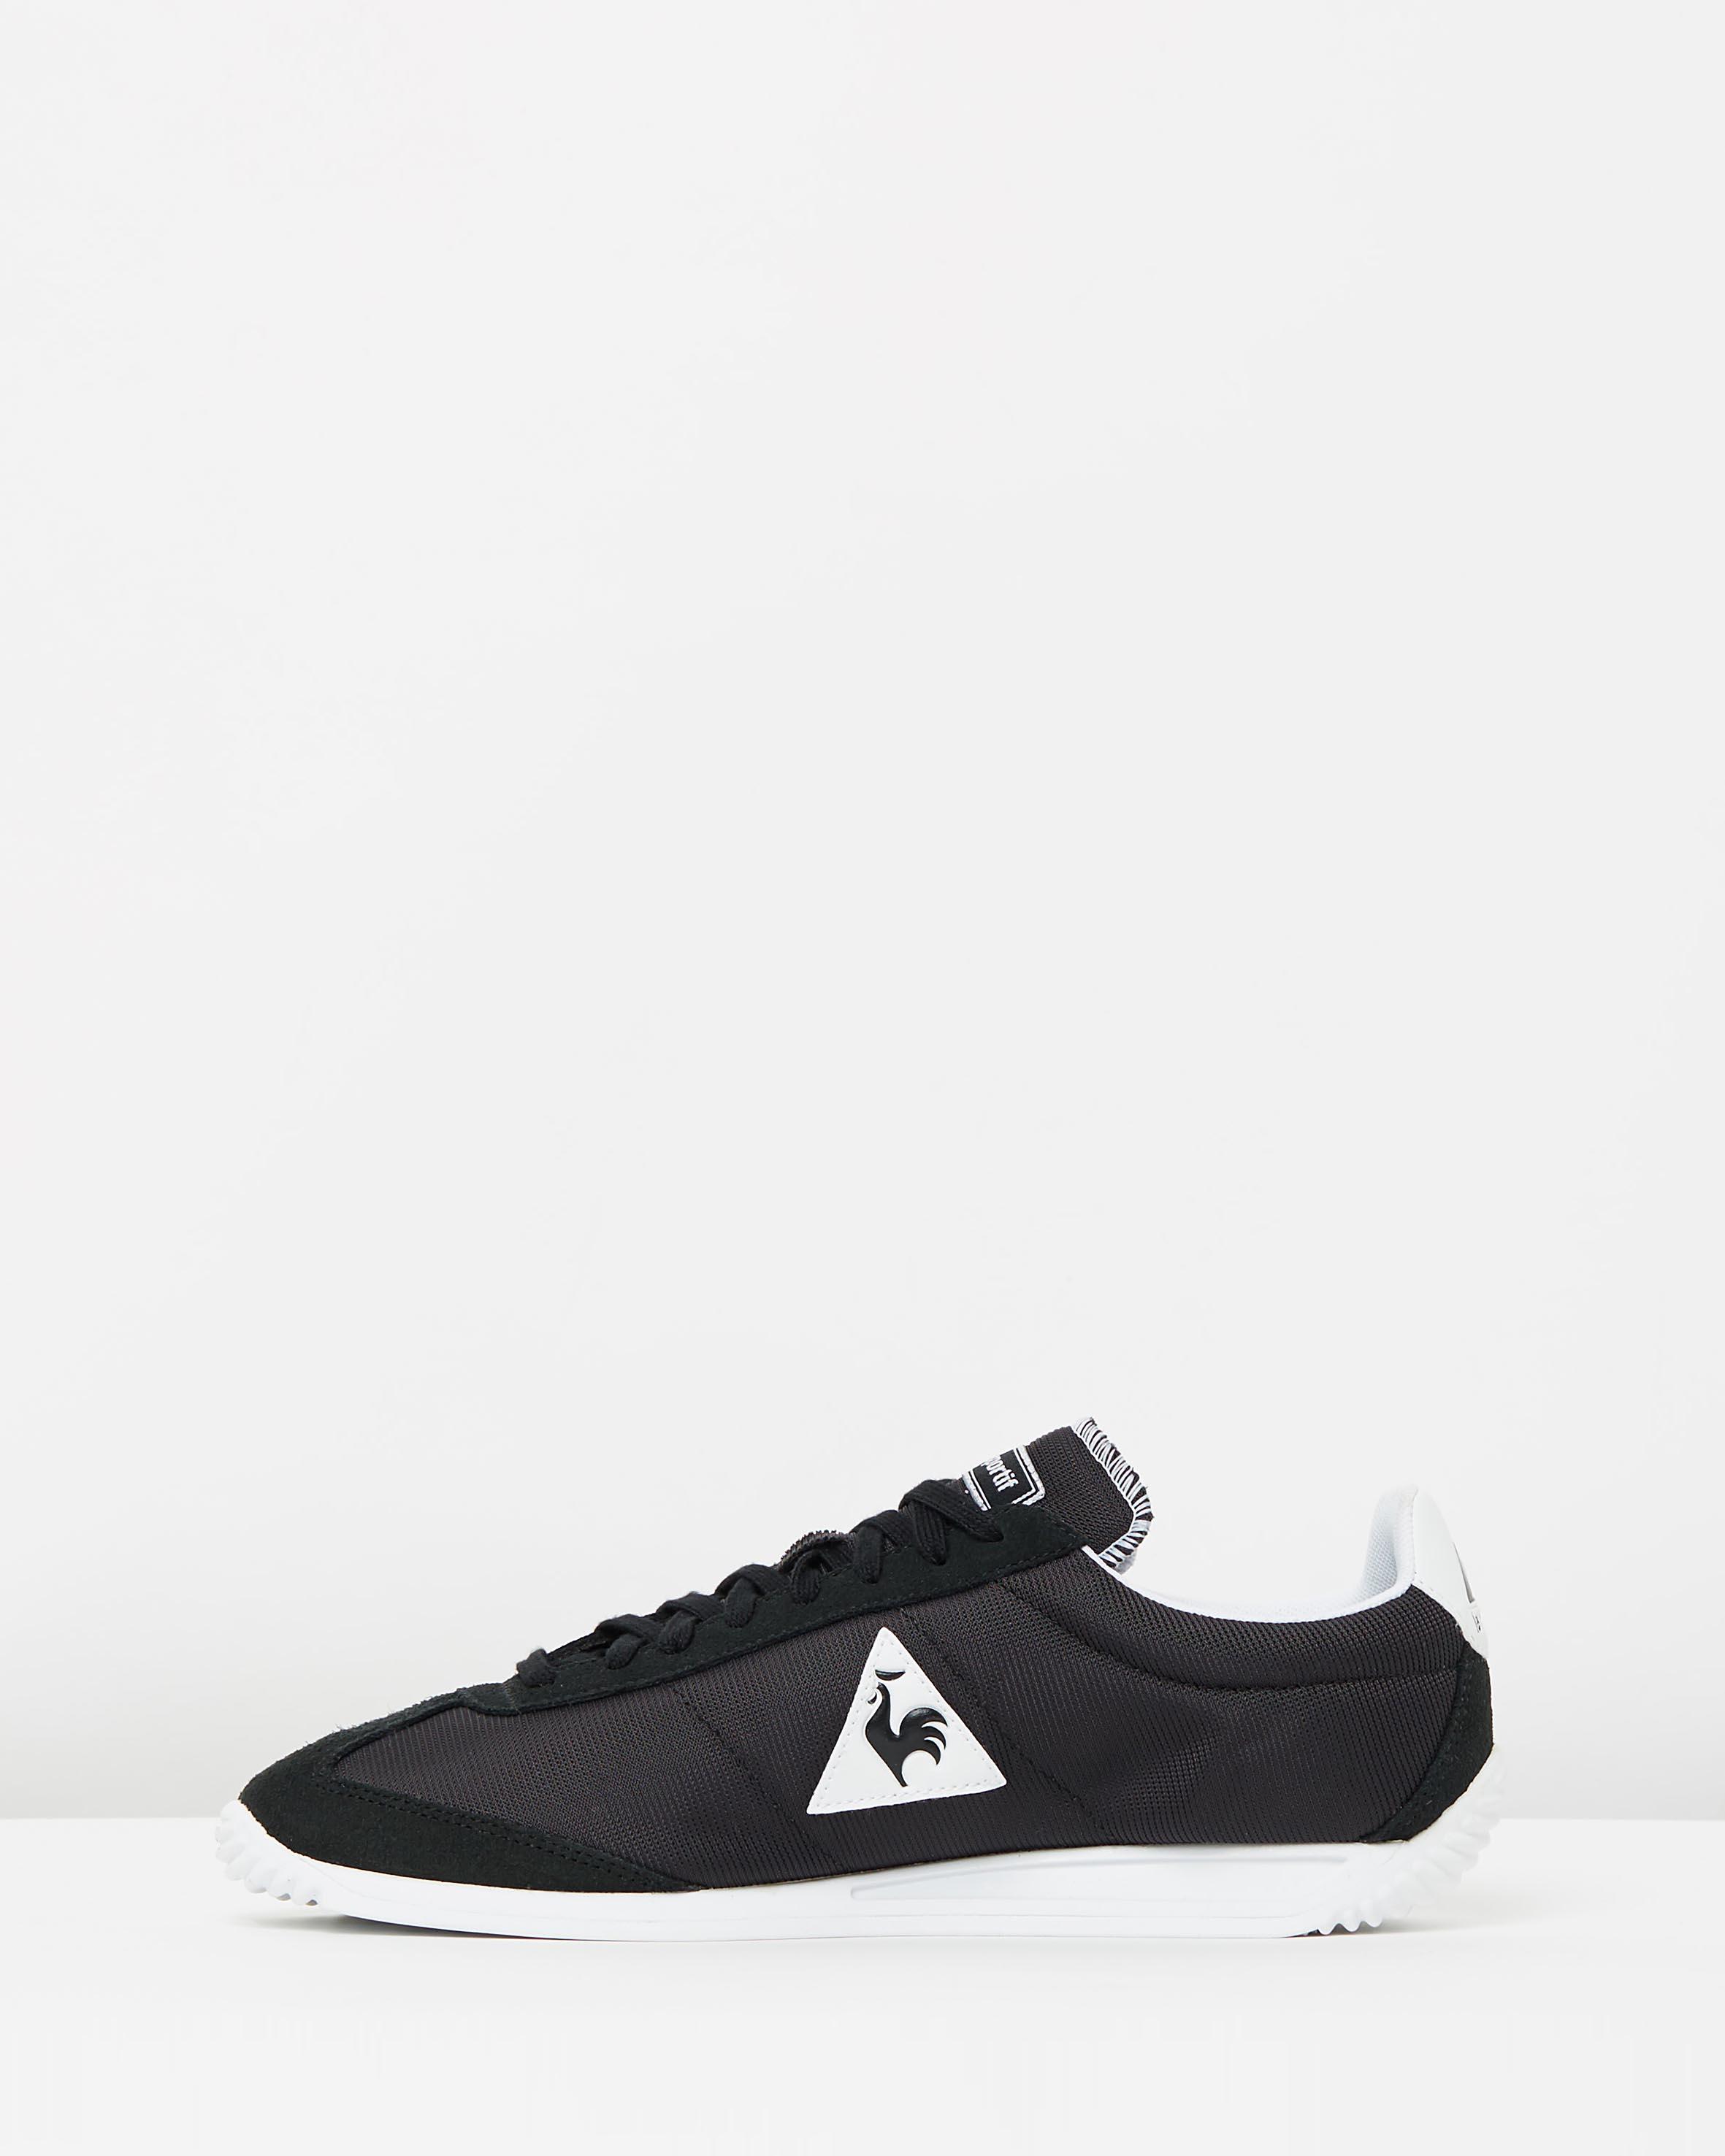 7b25893ae533 ... Le Coq Sportif Quartz Nylon Sneakers Black 3 ...